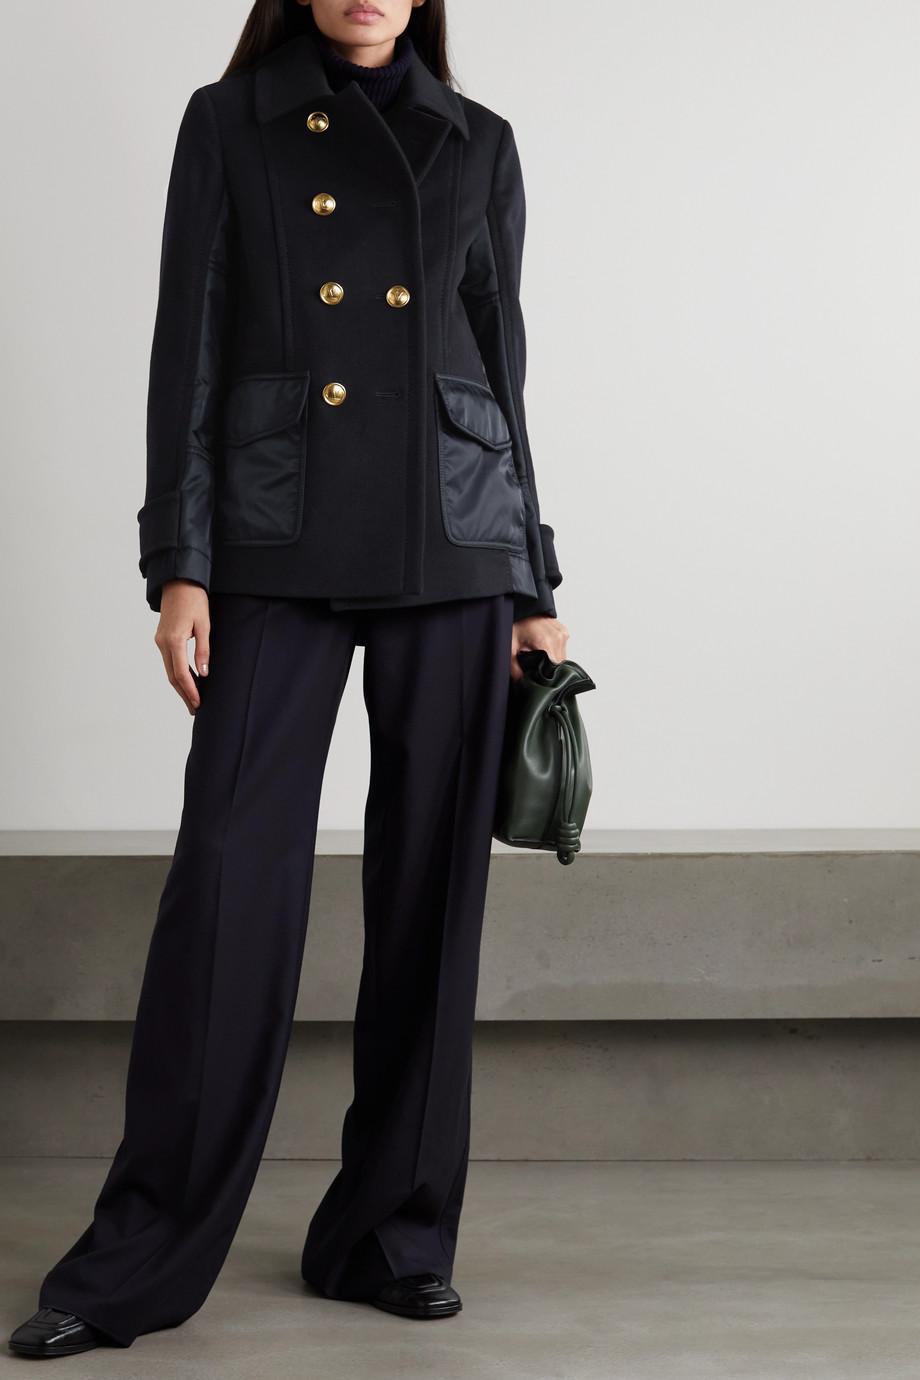 Valentino Veste à double boutonnage en laine et cachemire mélangés et en tissu technique